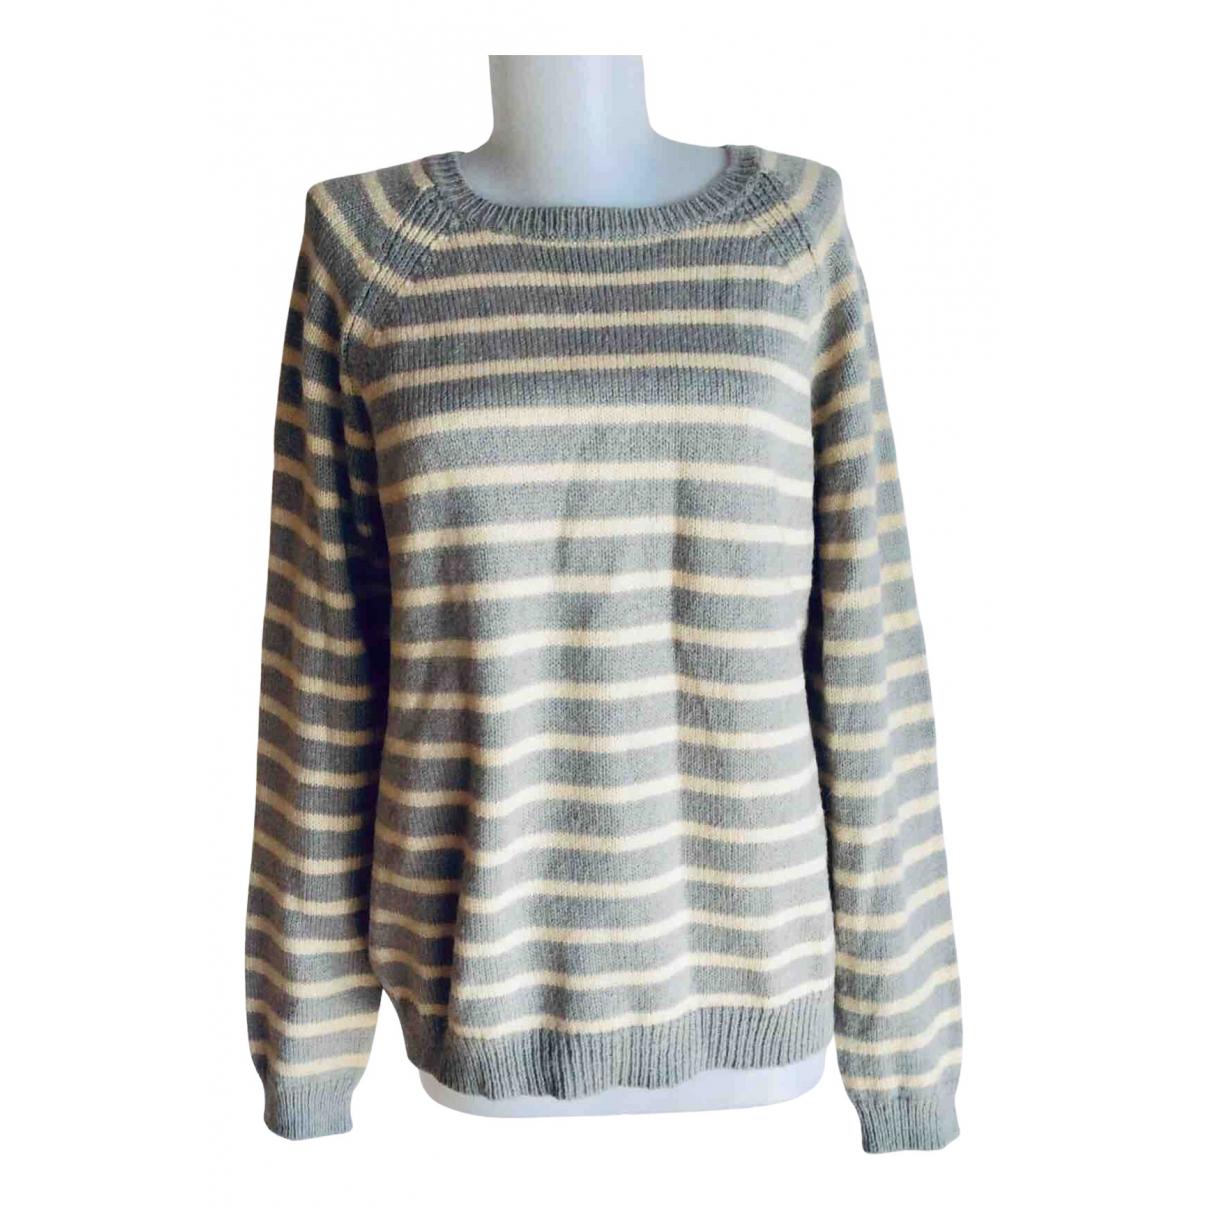 Ganni Fall Winter 2019 Beige Wool Knitwear for Women L International